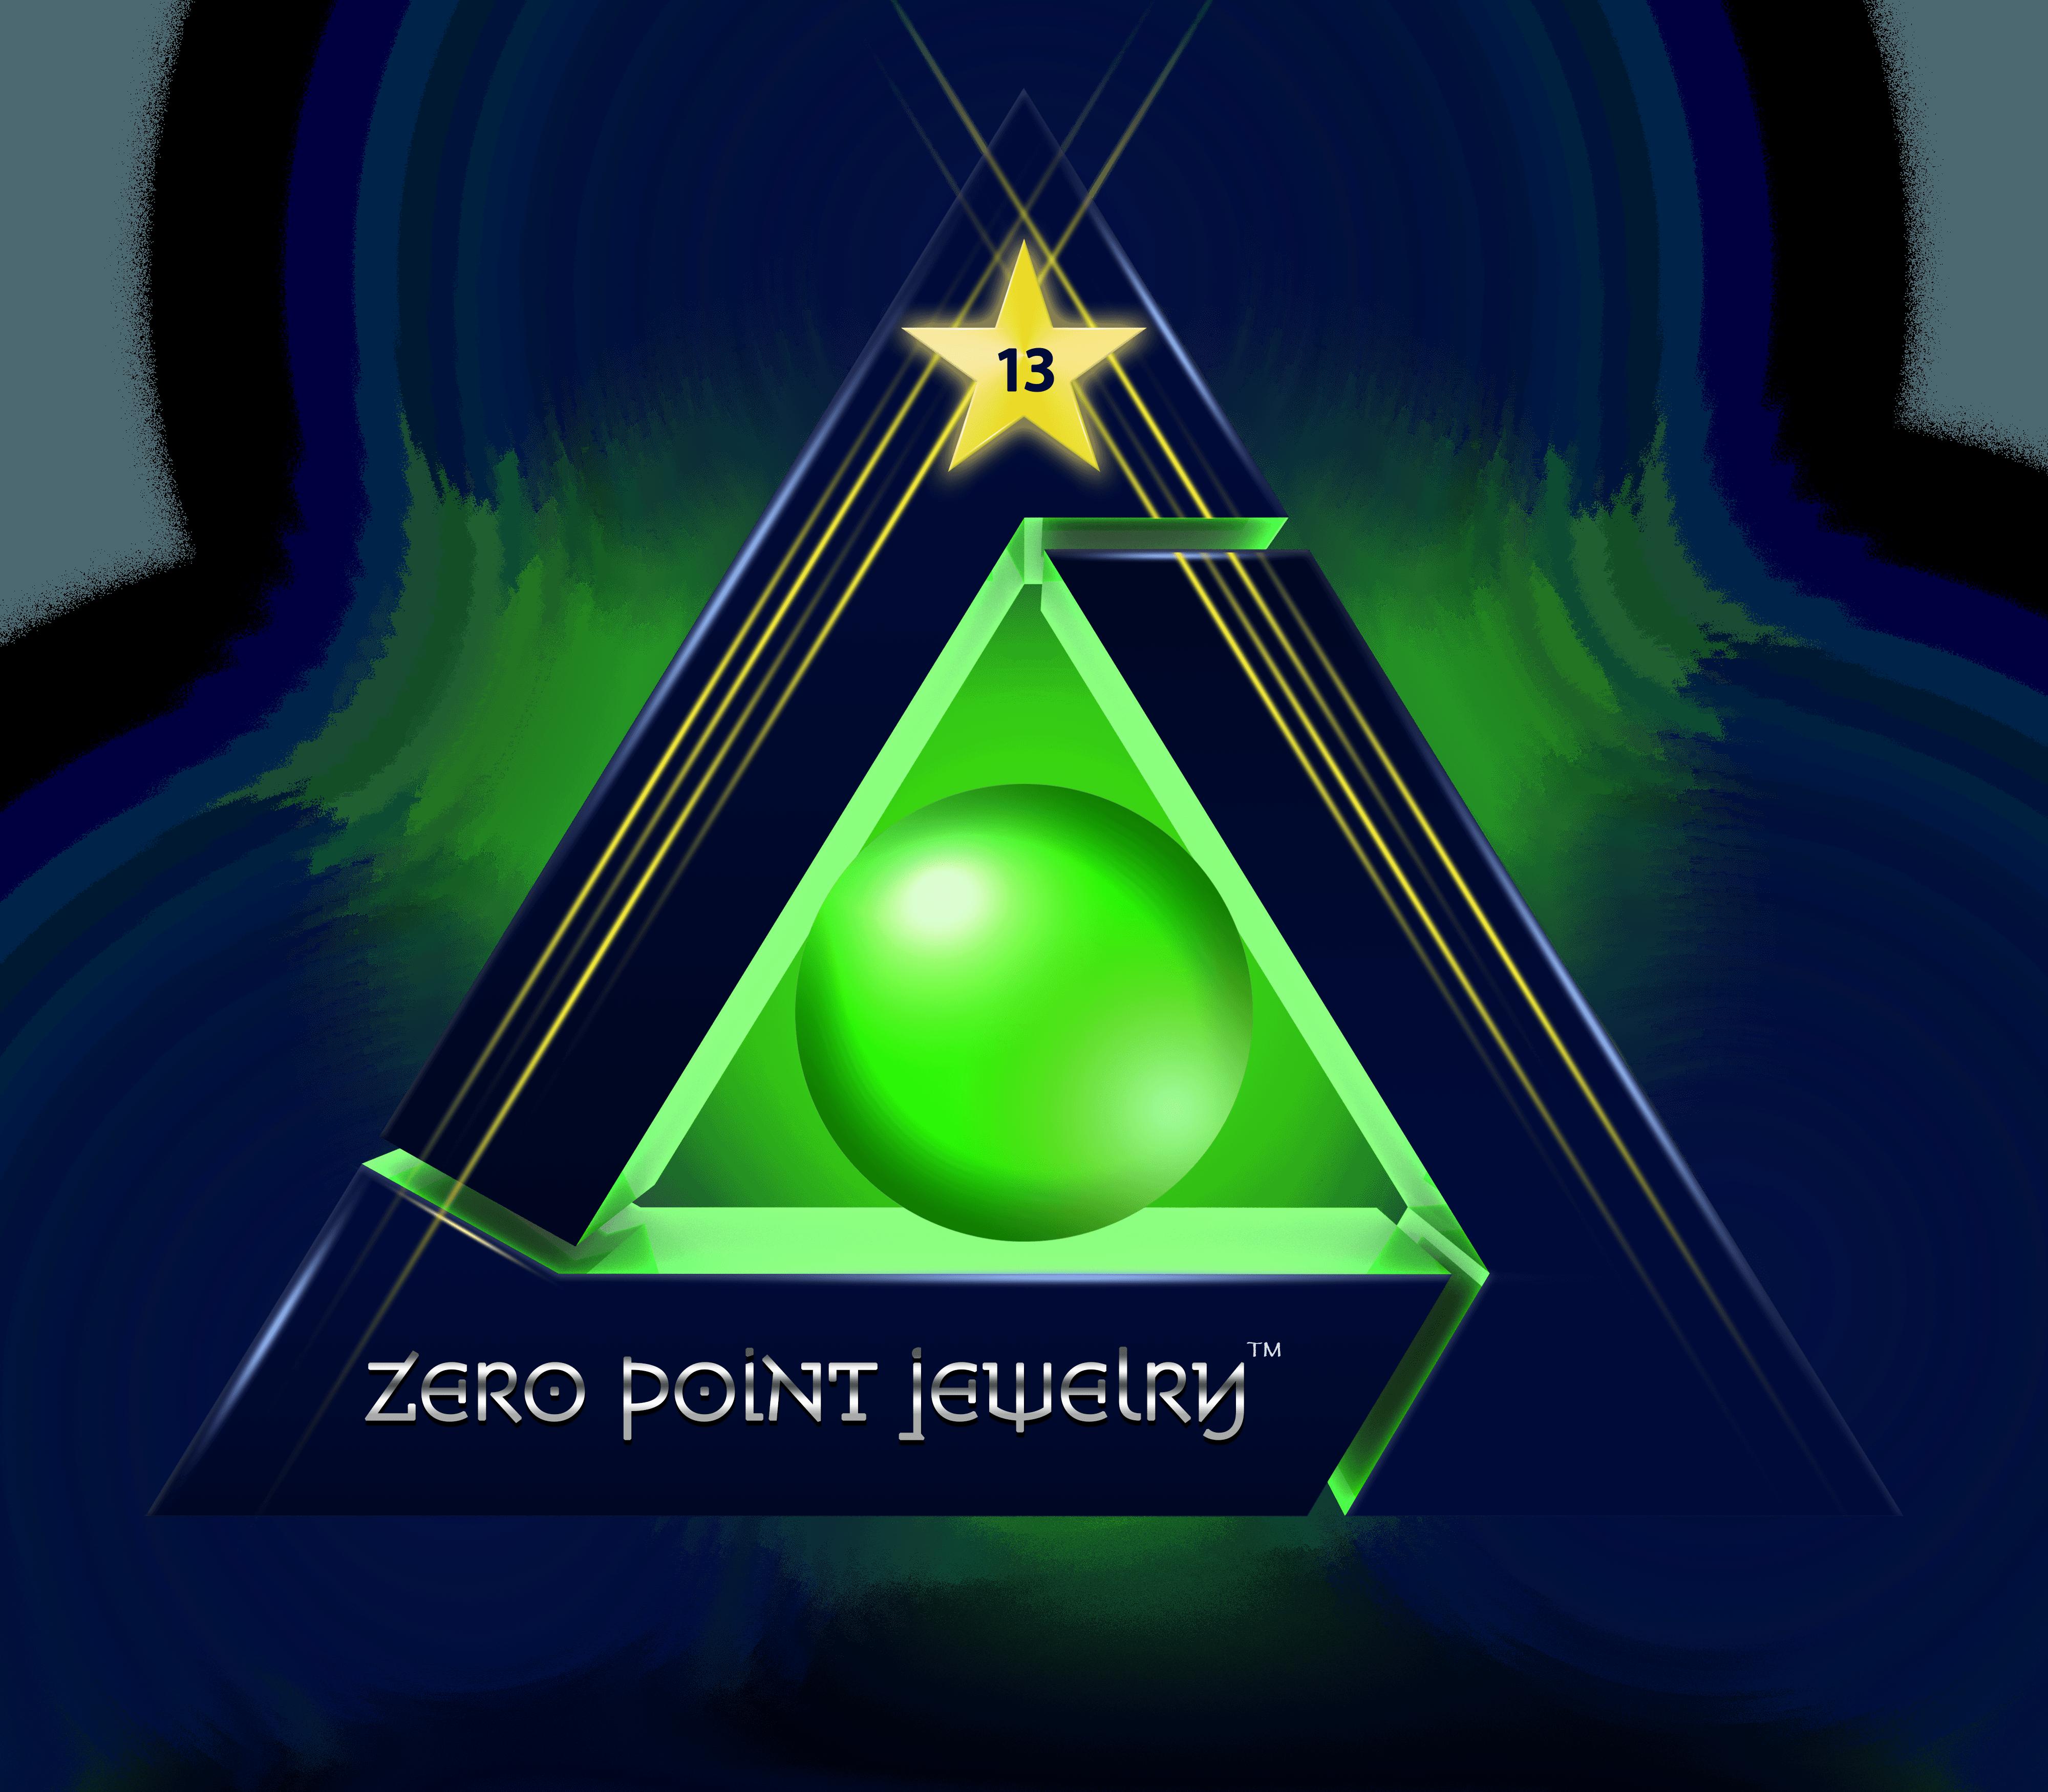 Zero Point Jewelry™